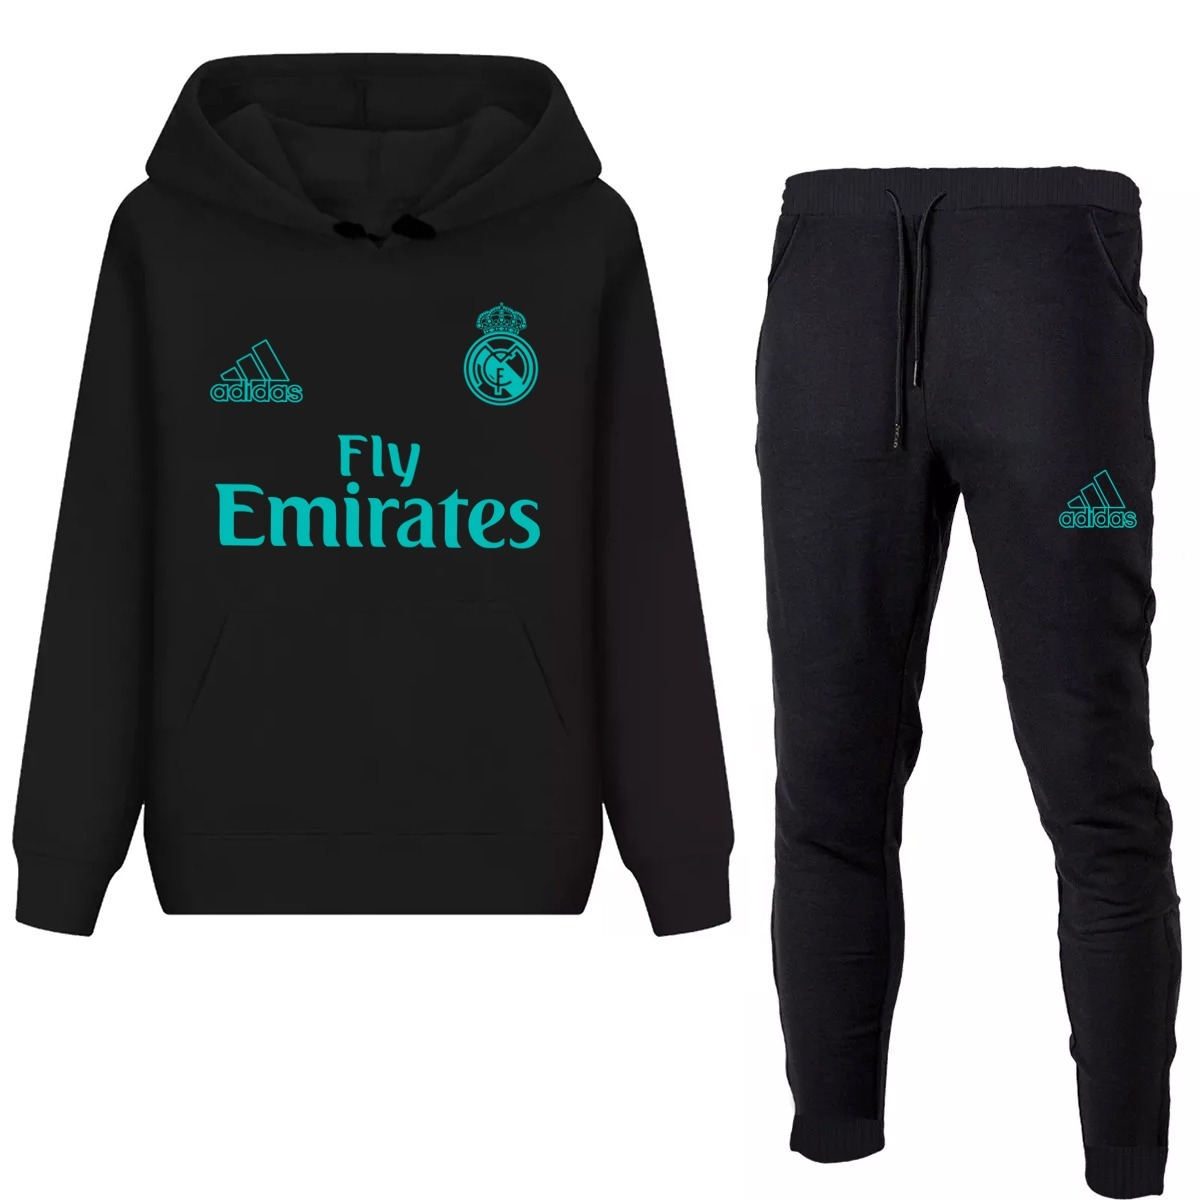 84402851d2f kit calça blusa moletom futebol 2018 conjunto abrigo. Carregando zoom.